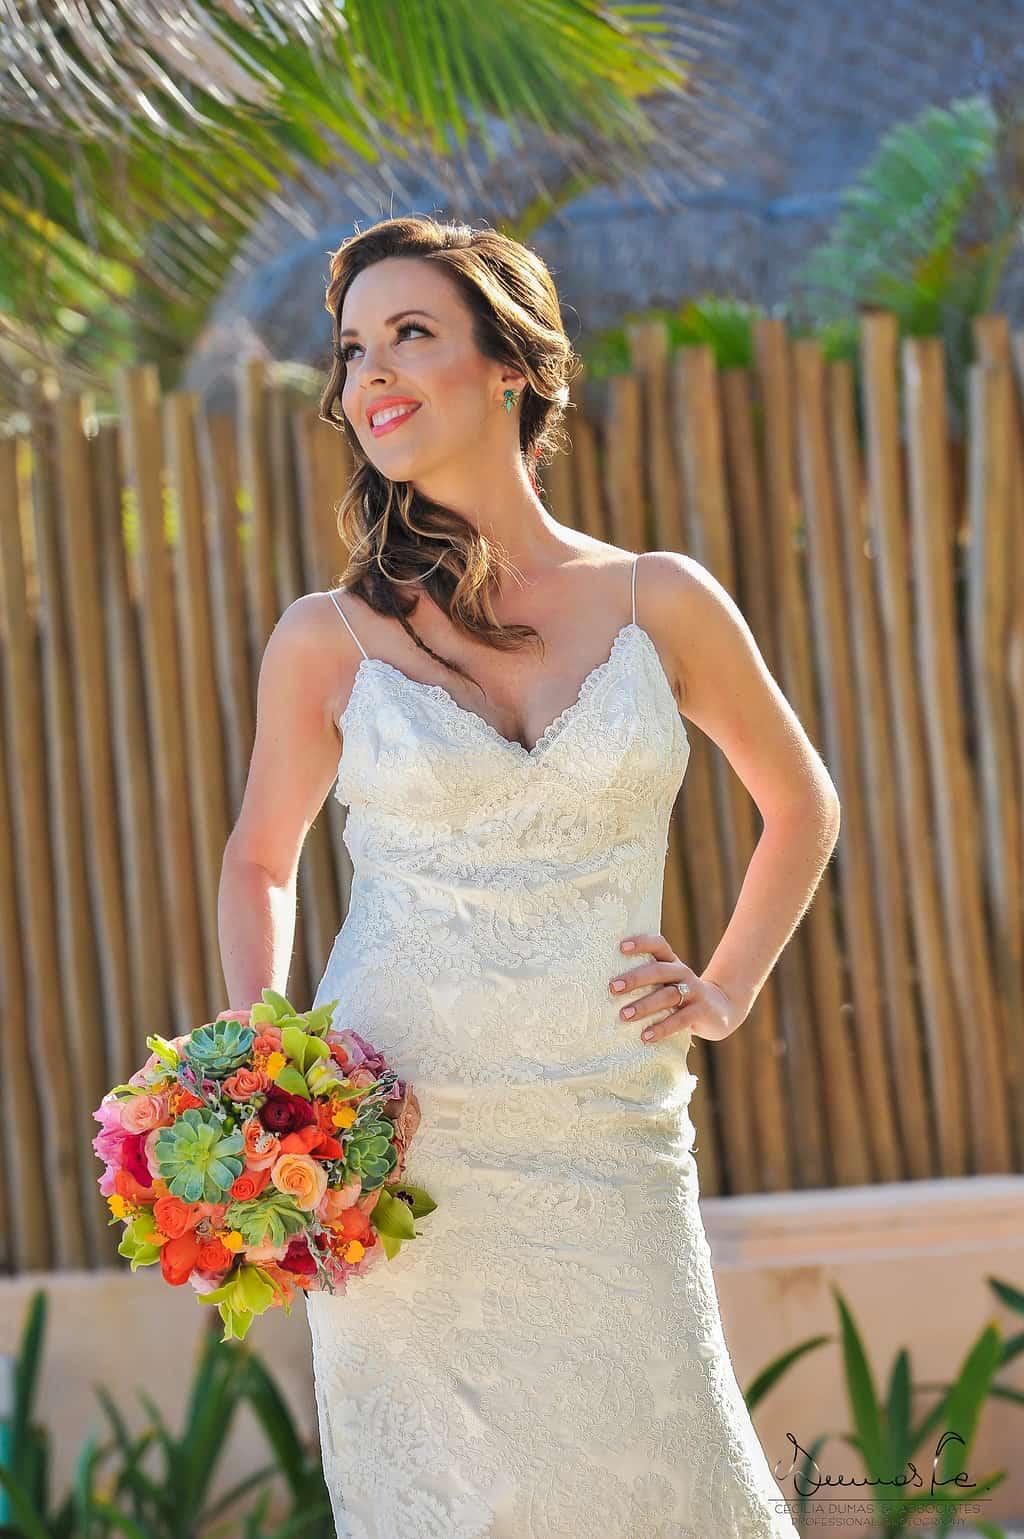 mahekalhotel-playadelcarmen-weddingphotography-lindseyalfredo49